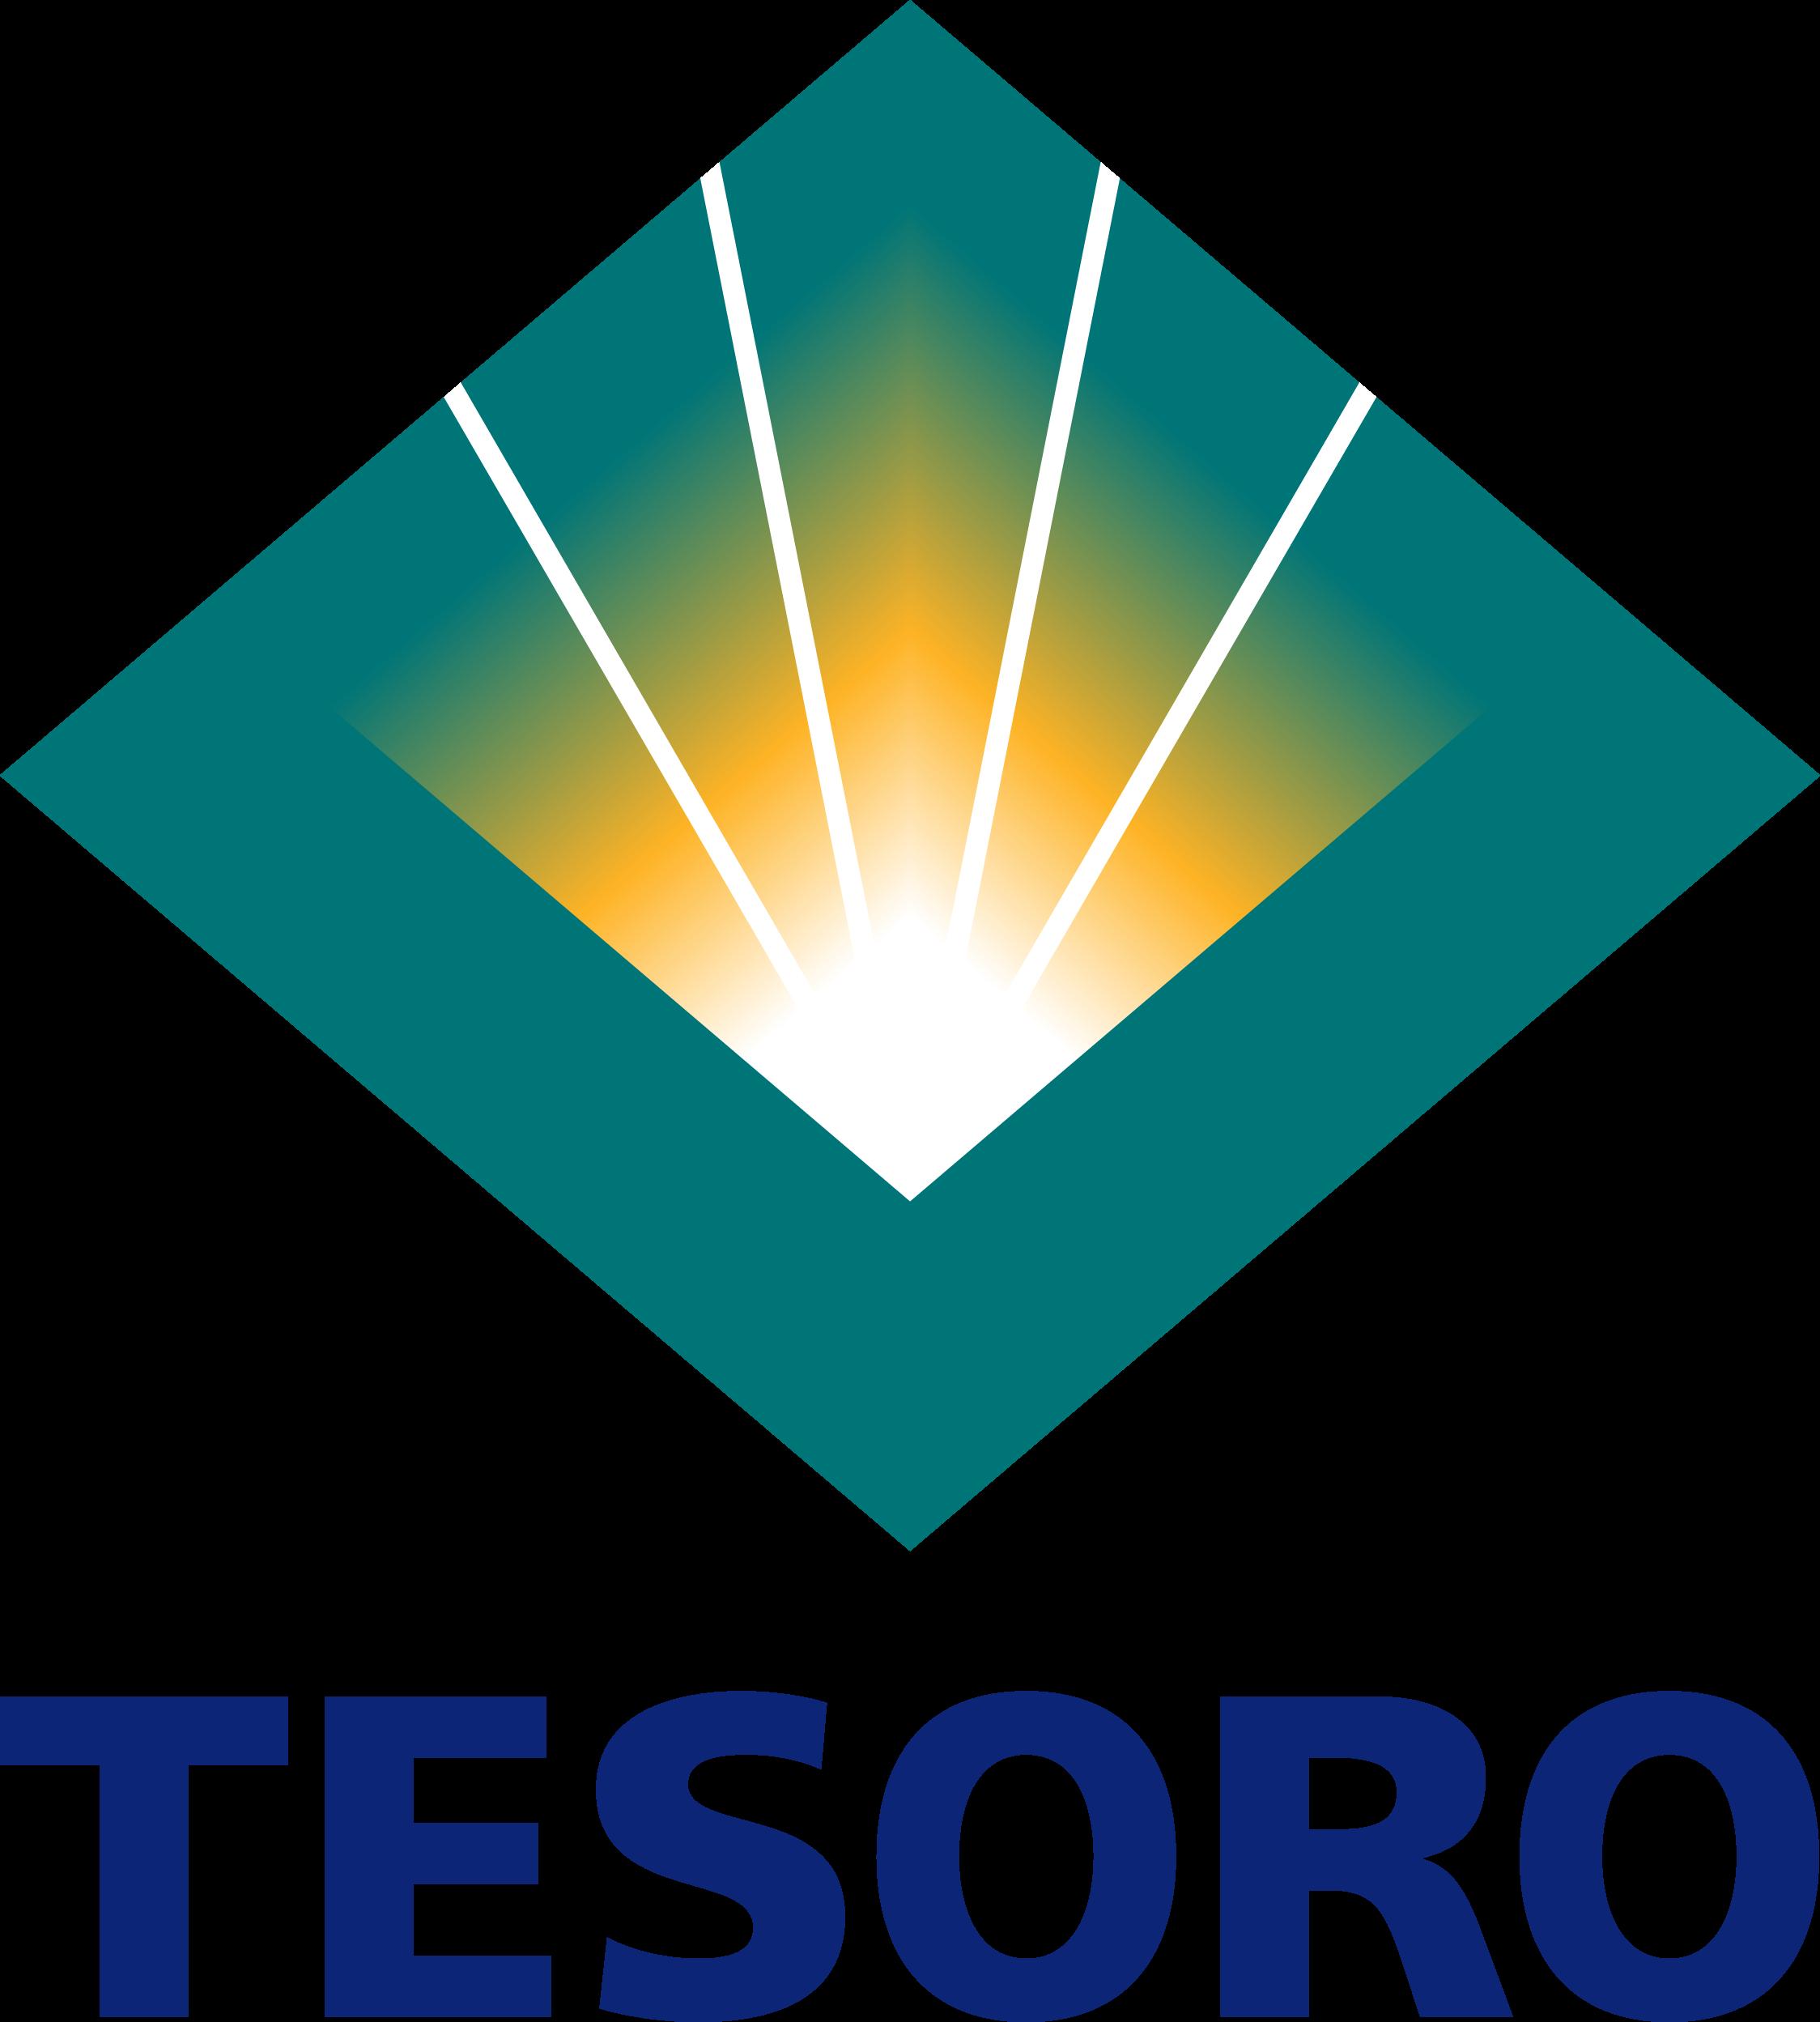 Tesoro.png